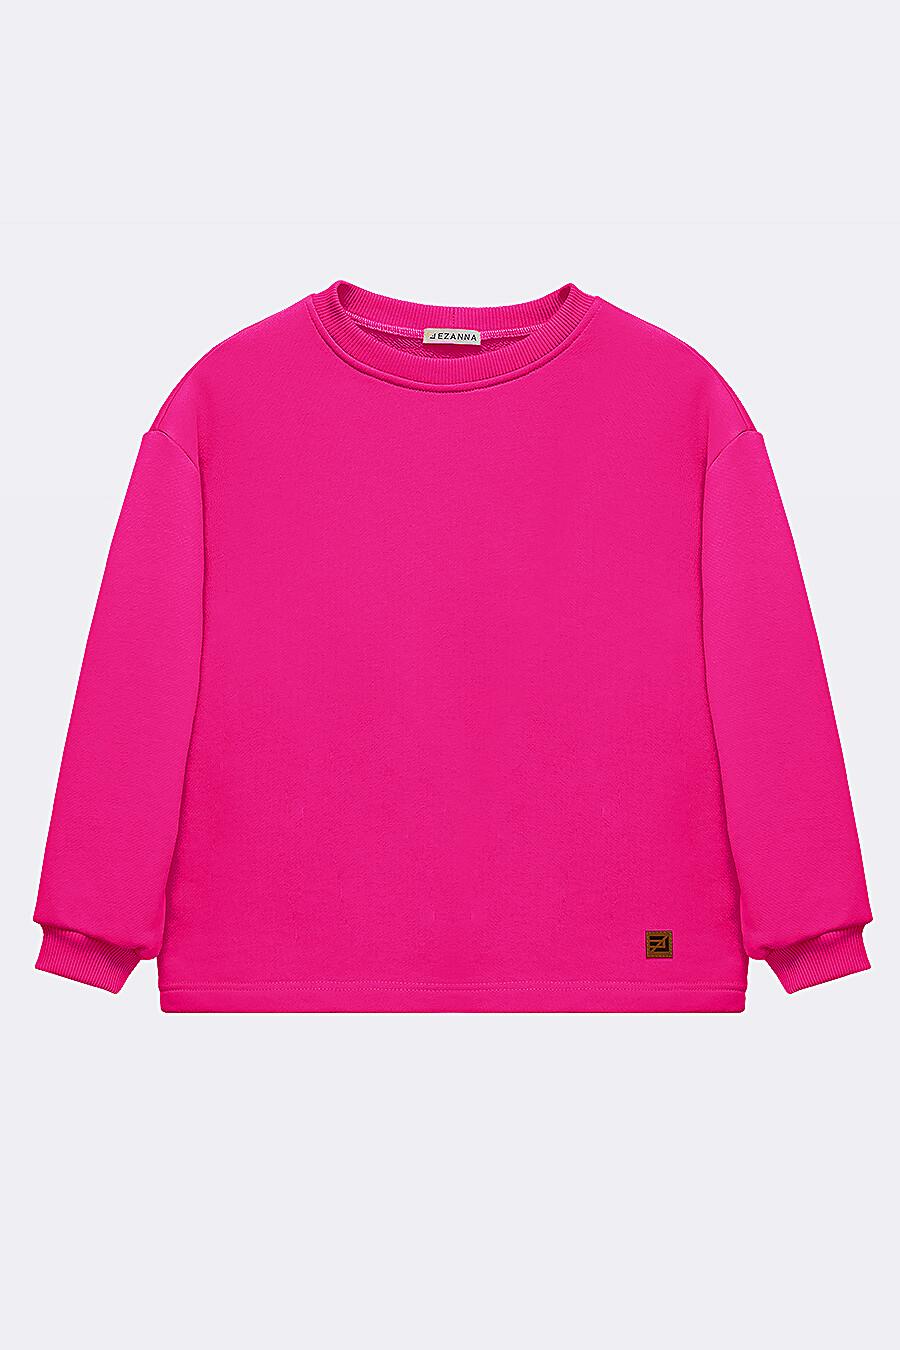 Костюм(Свитшот + Шорты) для девочек EZANNA 683221 купить оптом от производителя. Совместная покупка детской одежды в OptMoyo